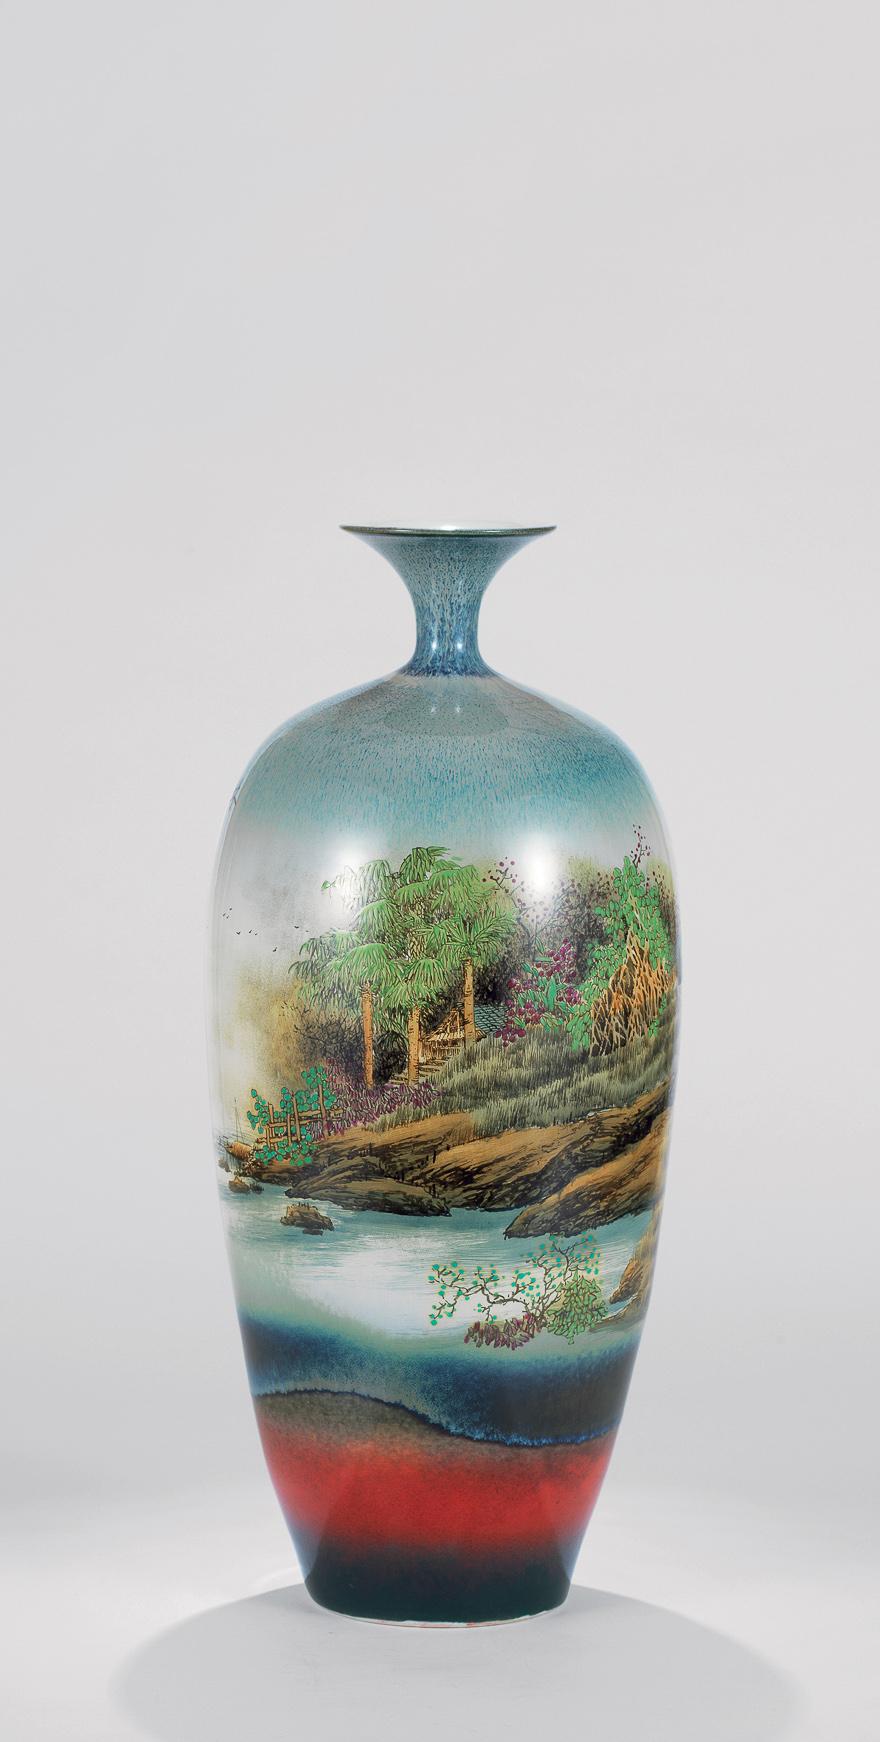 粉彩「村掩幽居静」瓷瓶